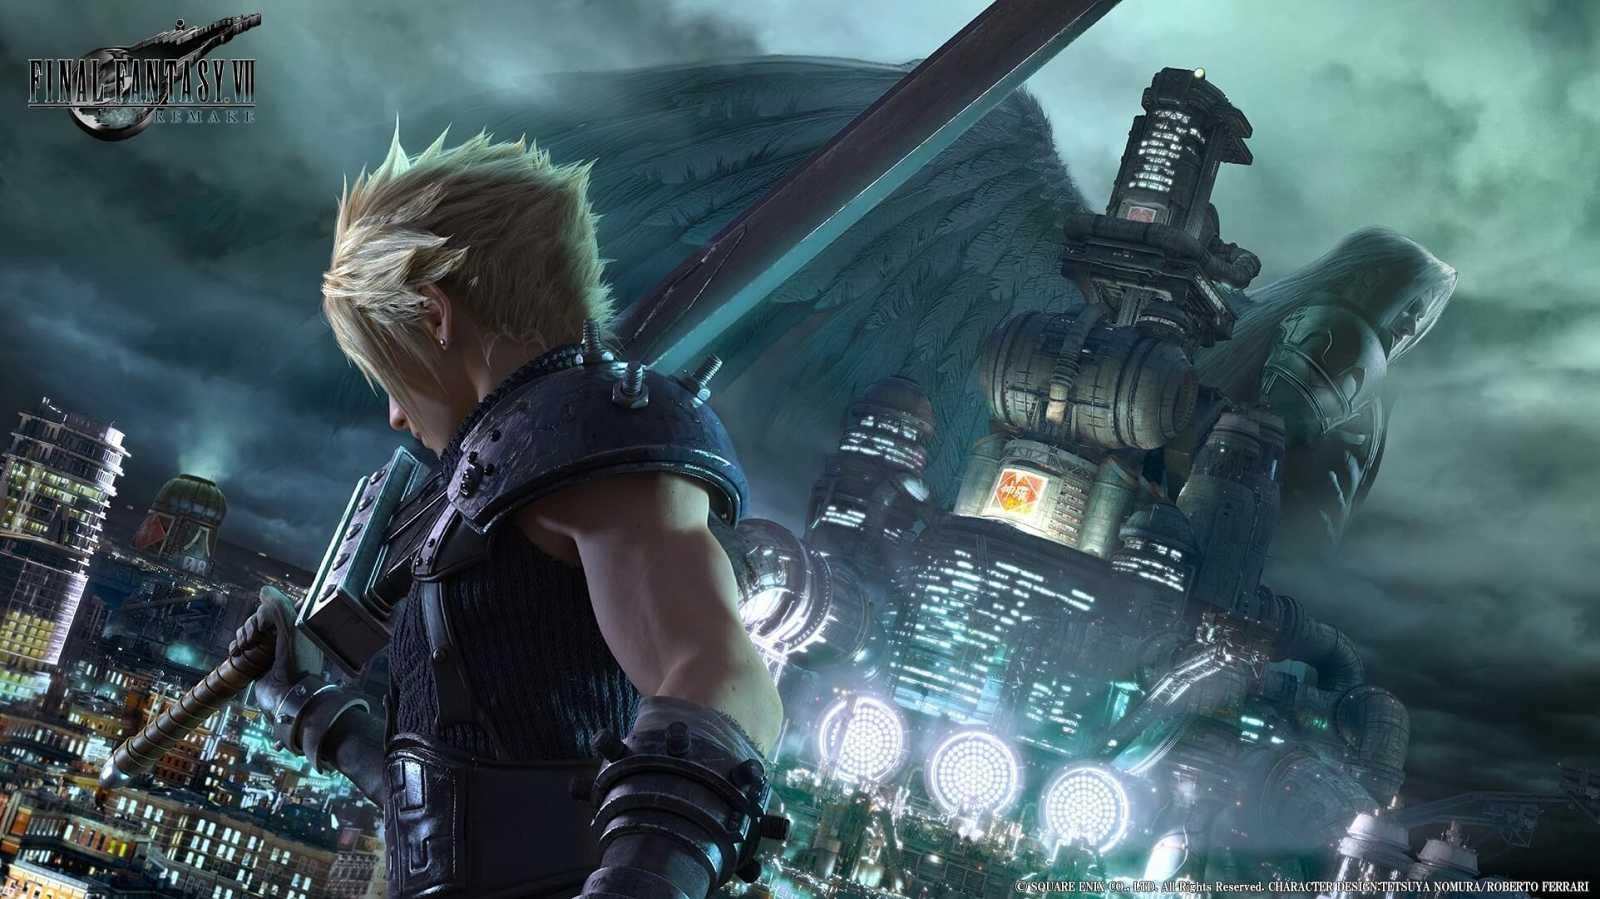 Cloud es el protagonista del videojuego 'Final Fantasy VII Remake'